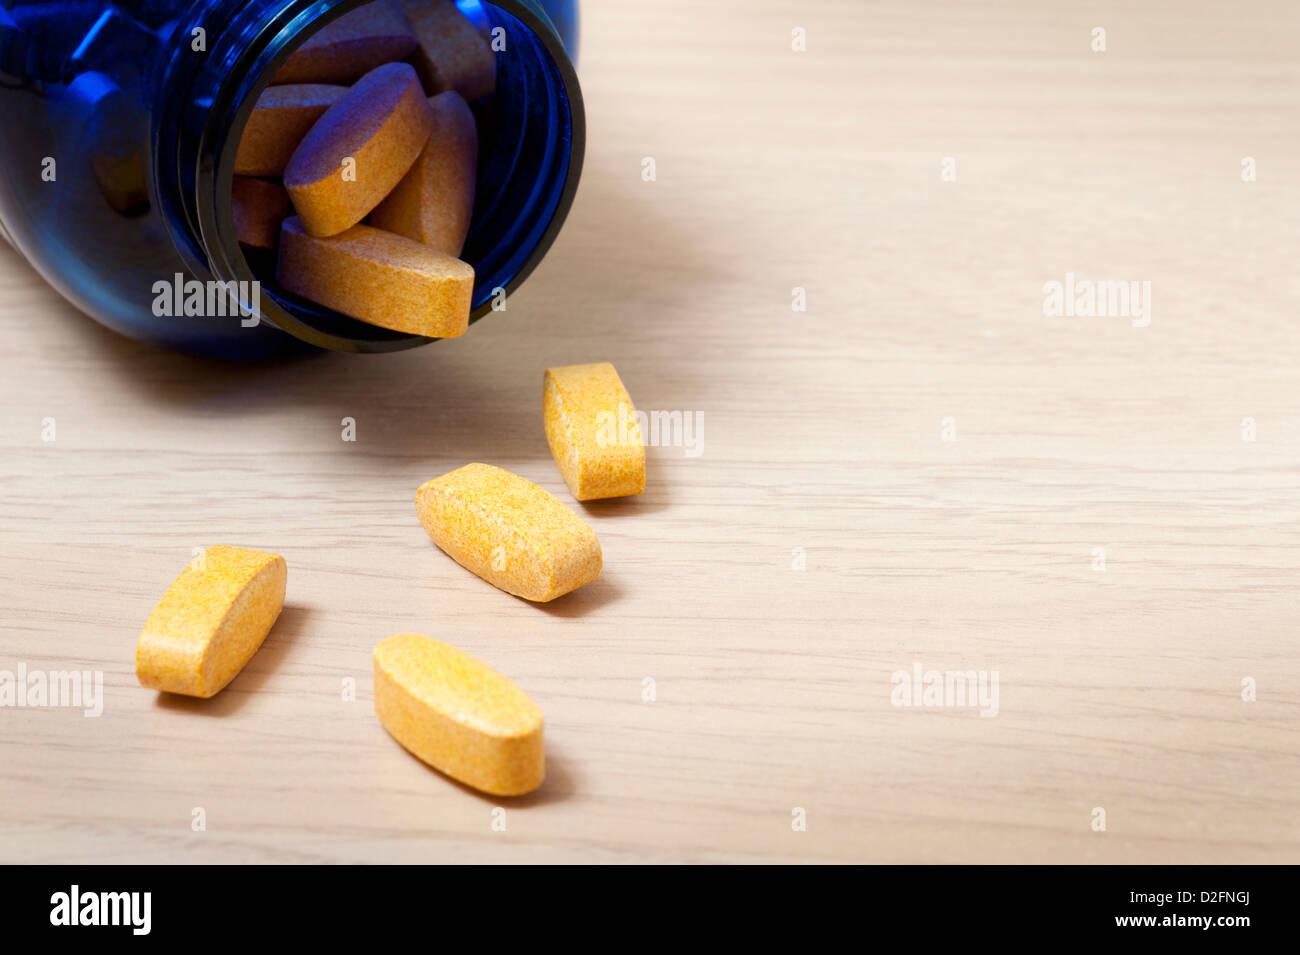 Blaue Flasche gelb Vitaminpillen mit einigen Verschütten auf den Tisch Stockbild